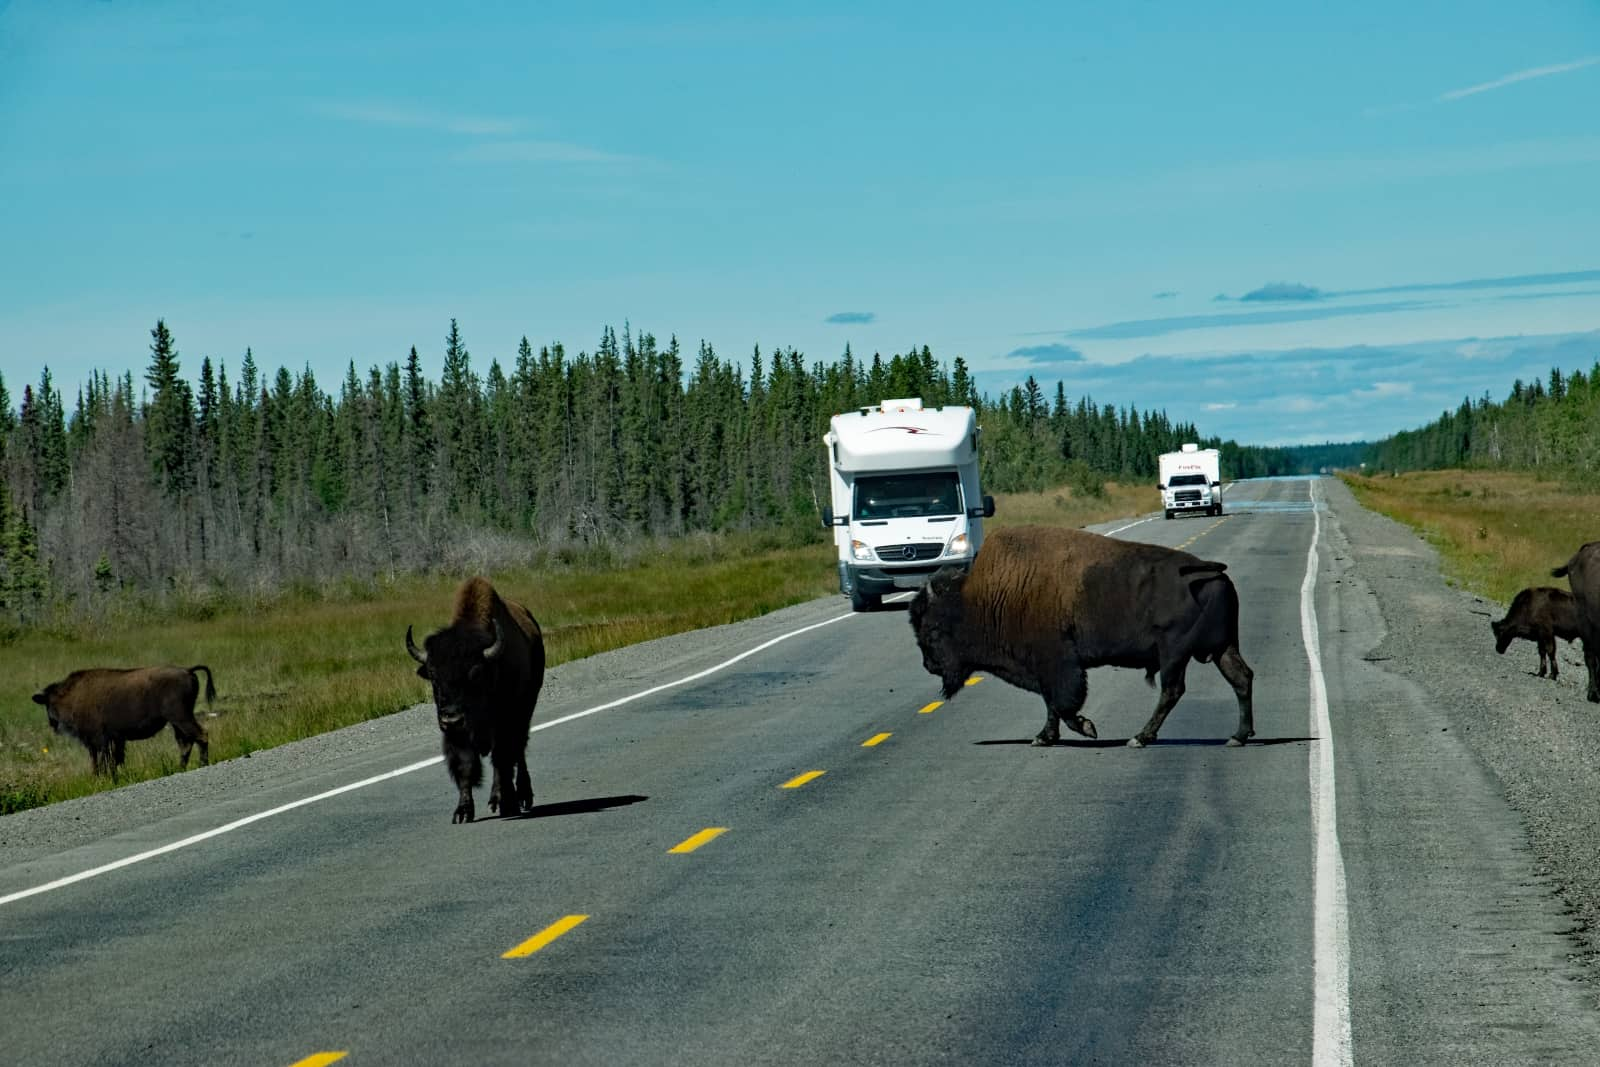 Wenn die Bisons sich auf dem Highway aufhalten, dann stoppt der ganze Straßenverkehr, der jedoch in dieser Gegend überschaubar ist. Foto Daniela Ganz